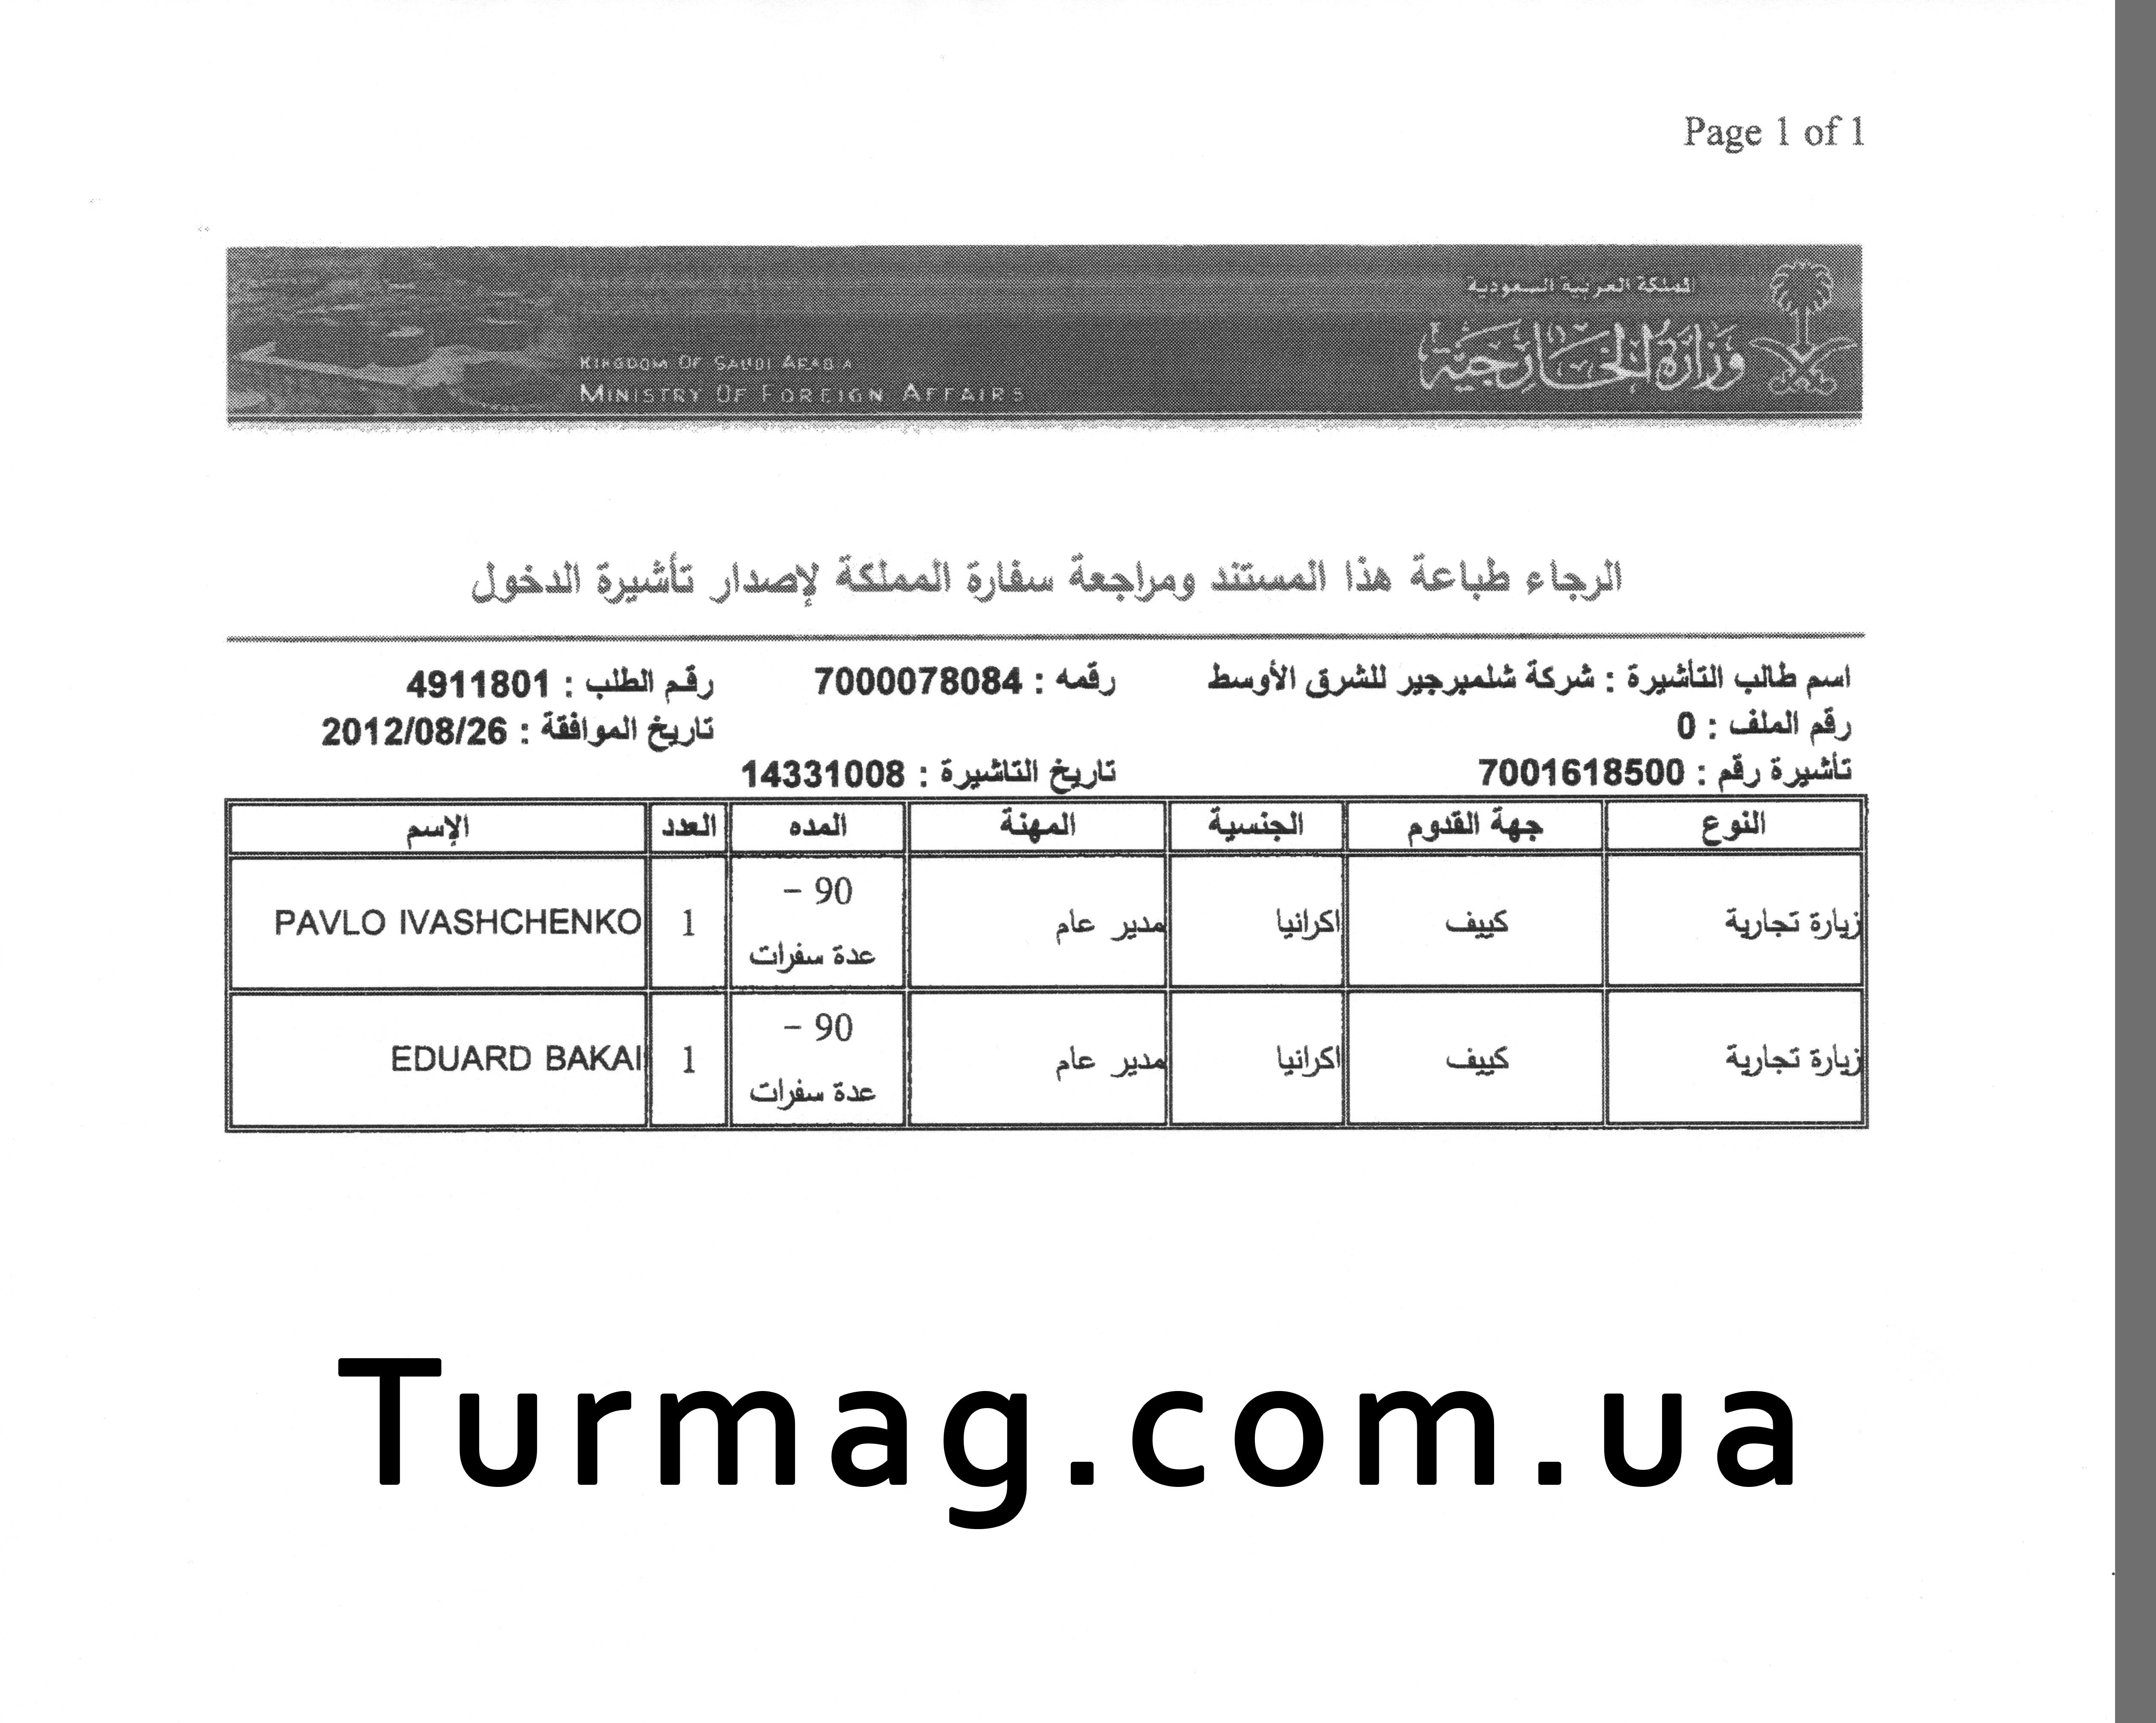 Внешний вид электронного разрешения на визу в Саудовскую Аравию